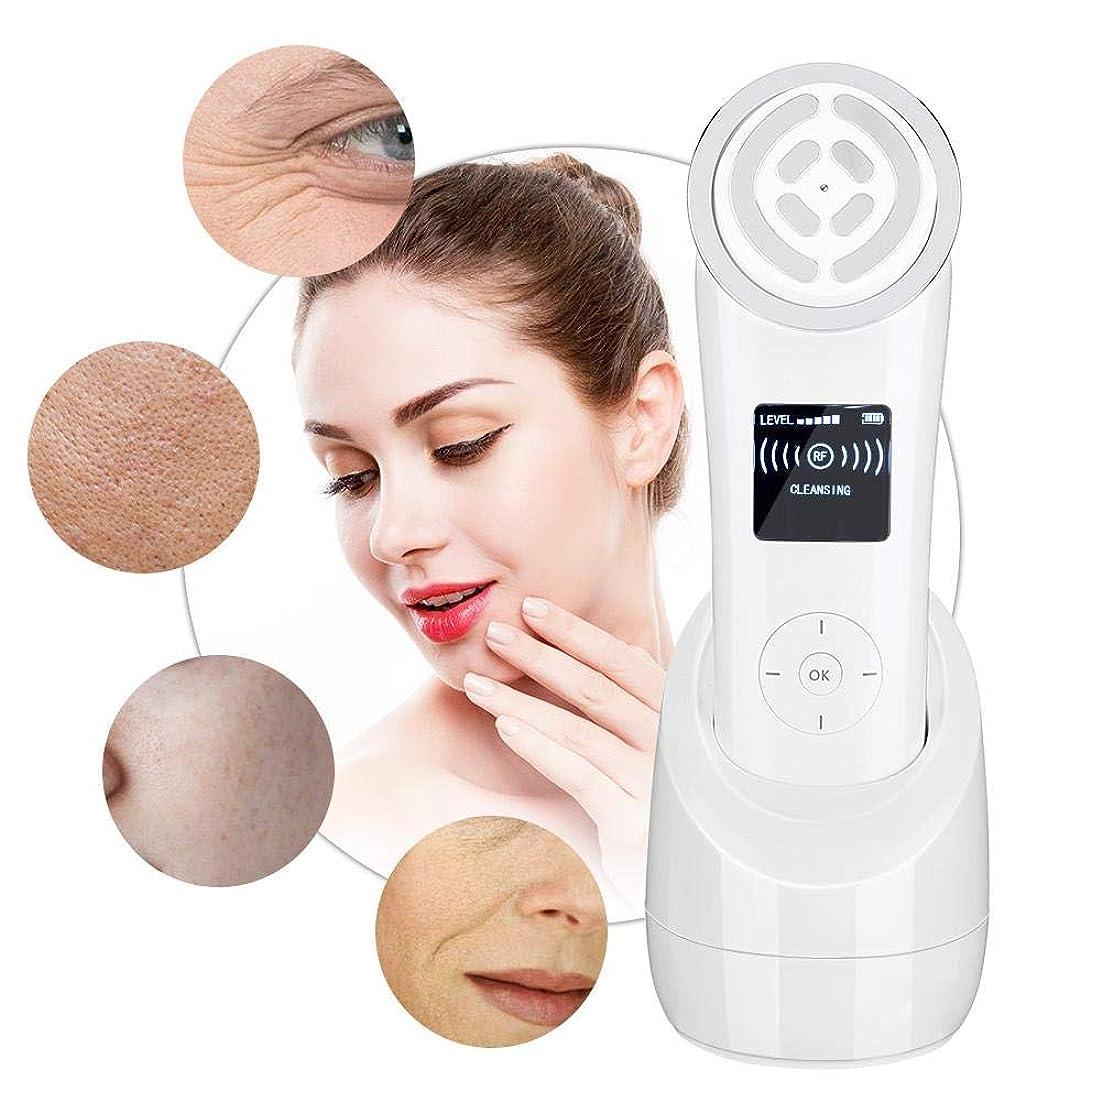 量交渉するコンテンツ顔の美しさのマシン - RF周波数アンチエイジングアンチリンクル、肌の若返り楽器 - ポータブル若返り肌がEMS筋肉刺激を強化(UE)